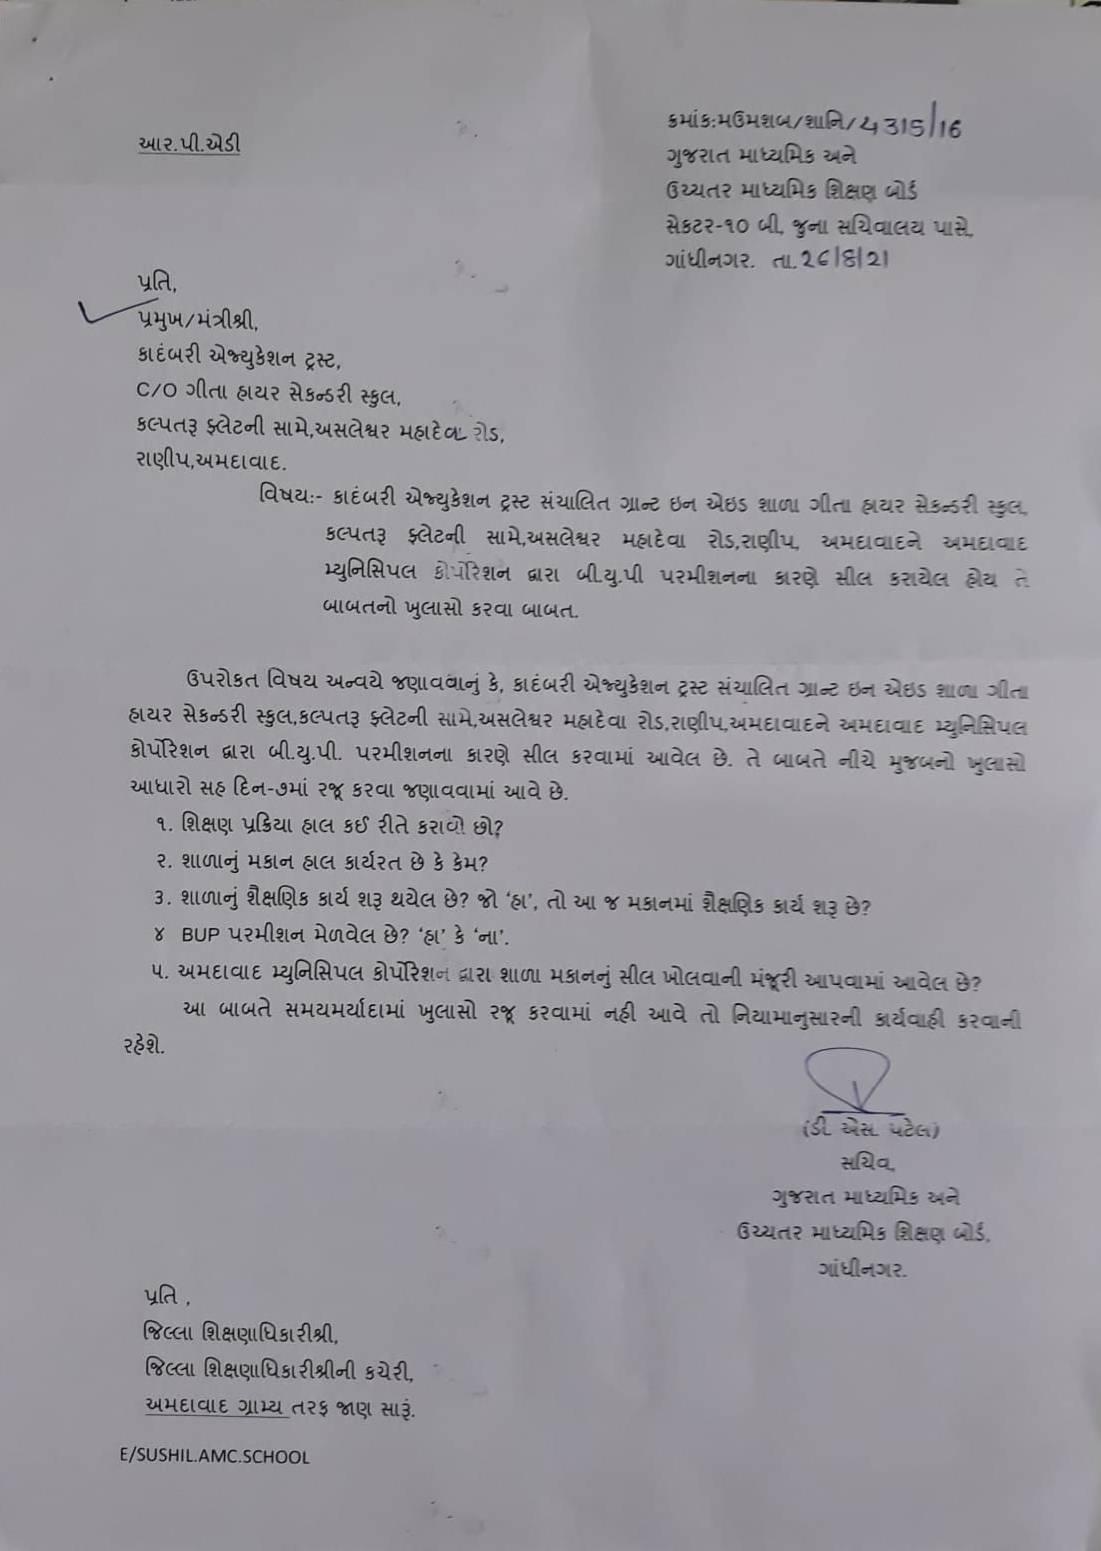 શિક્ષણ વિભાગે સ્કૂલ પાસે માંગેલા ખુલાસાનો પત્ર